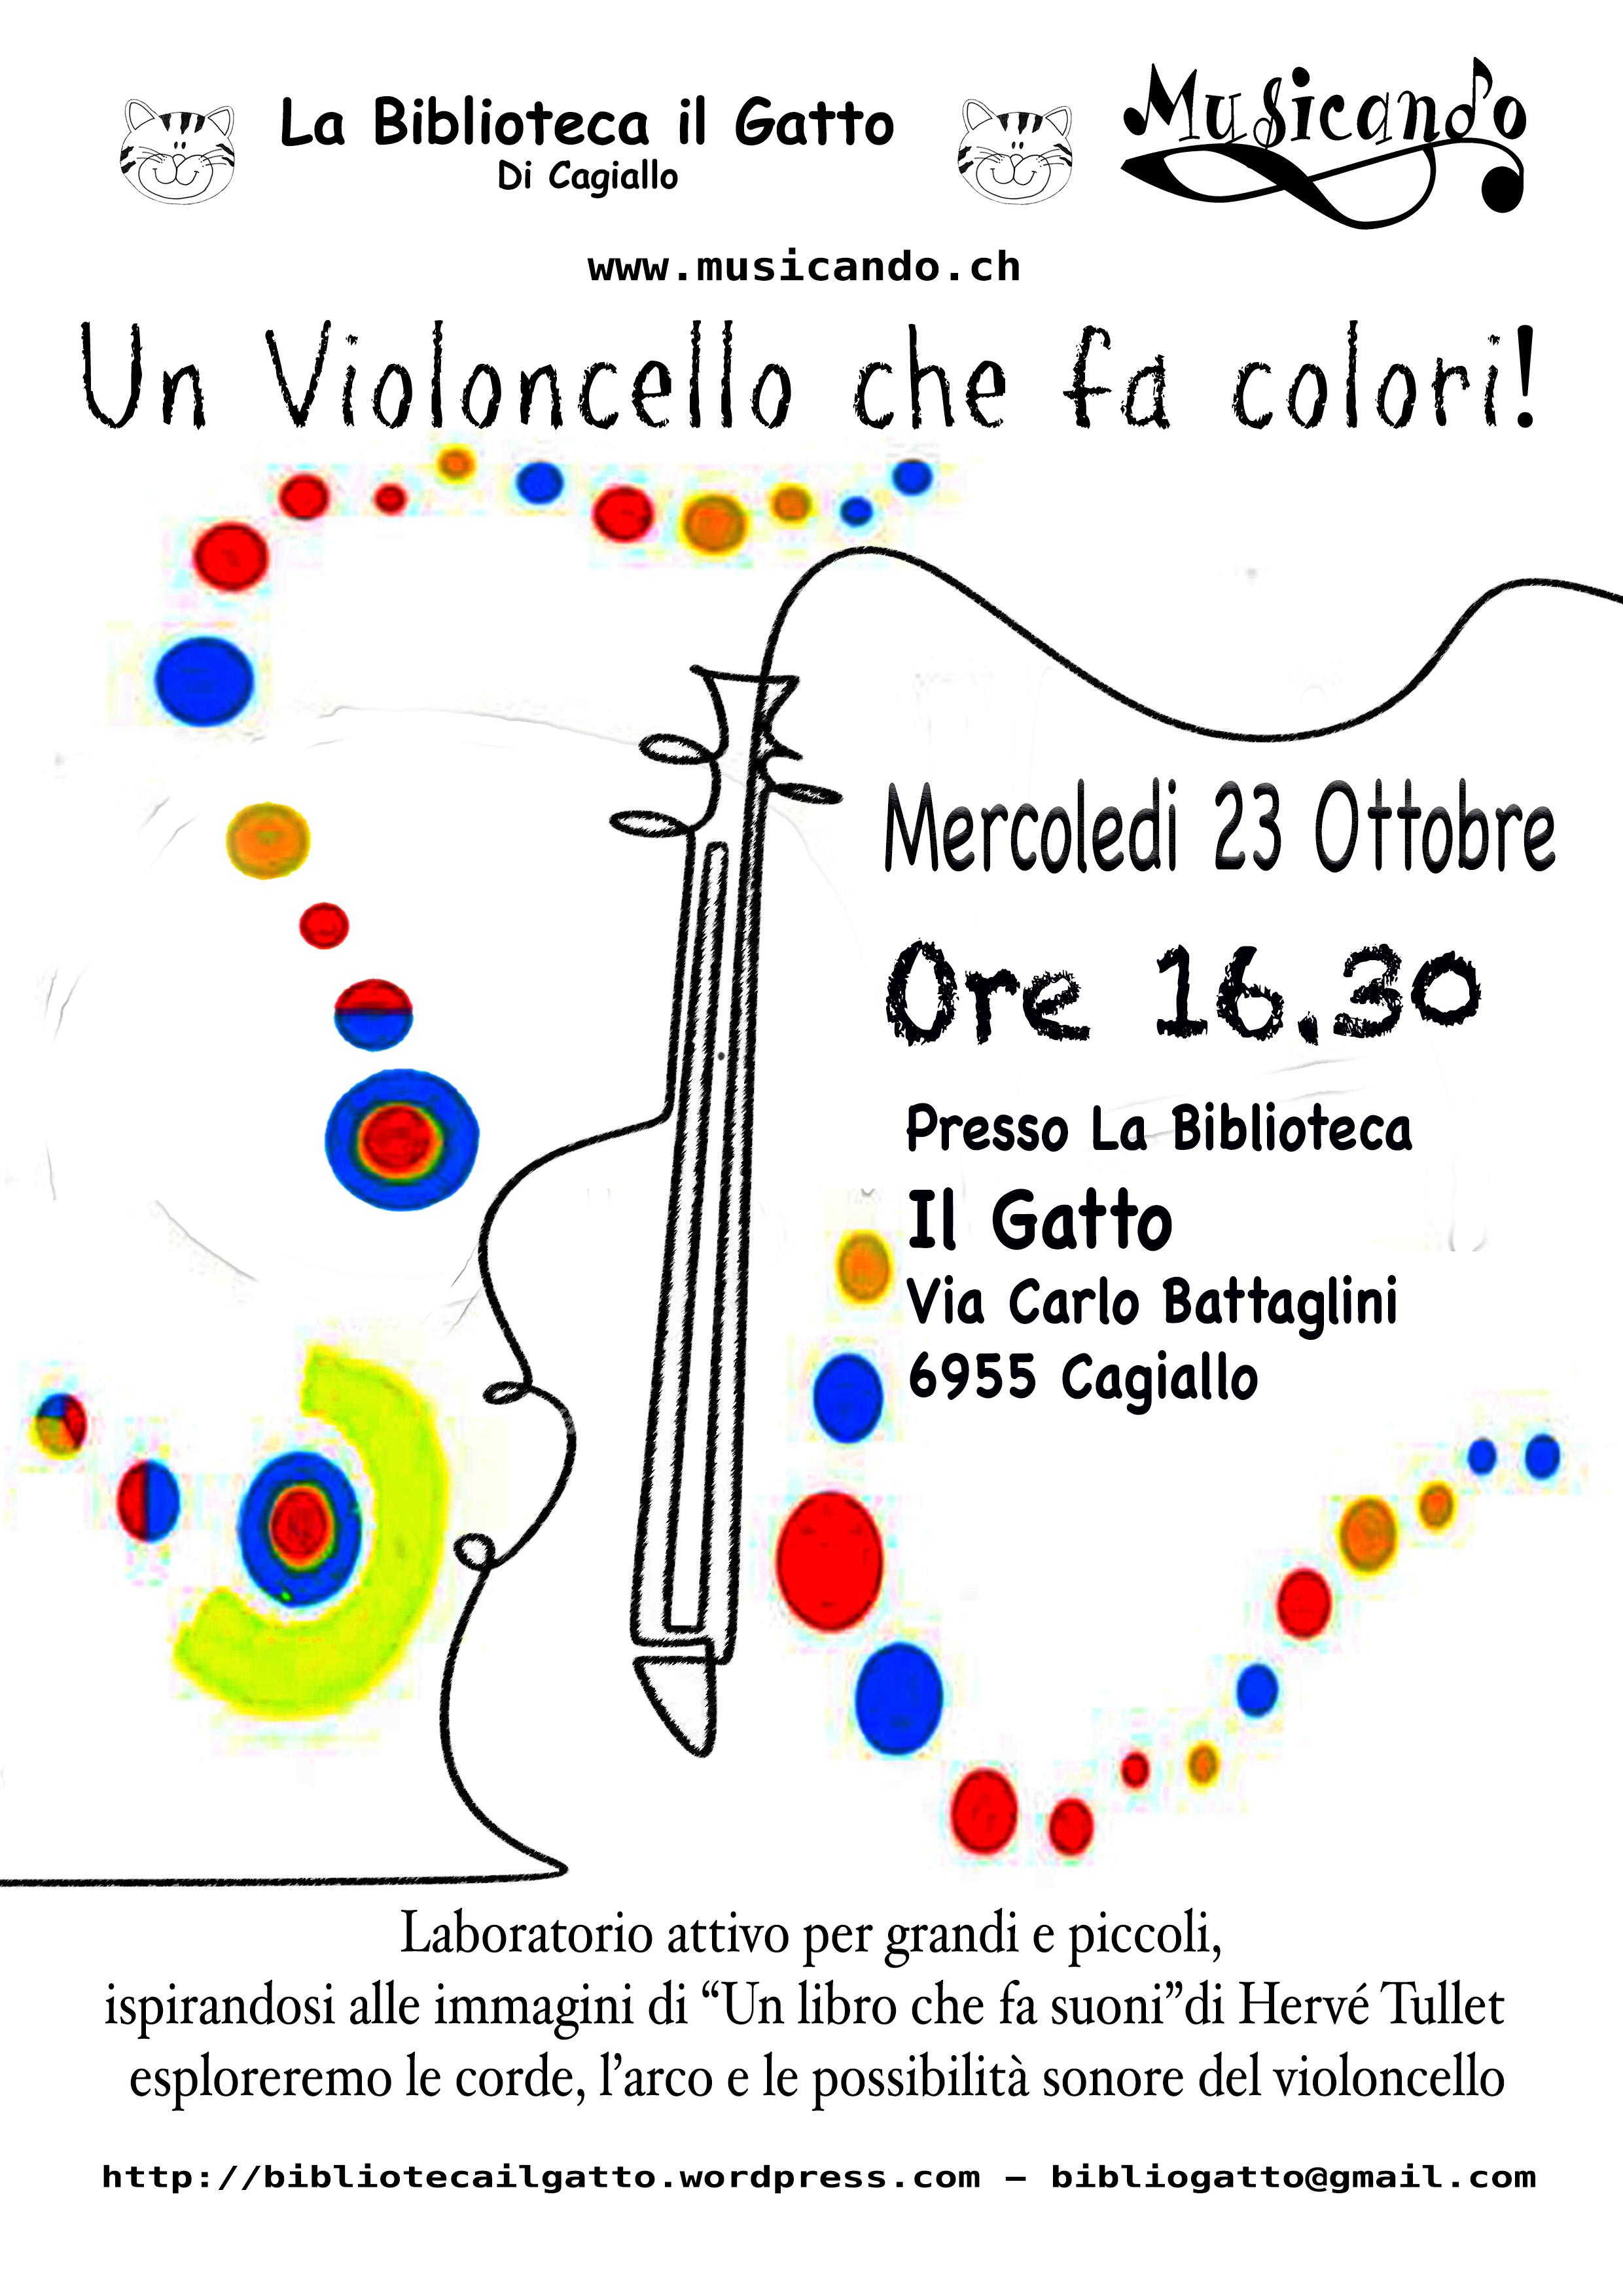 Un violoncello che fa colori - Cagiallo